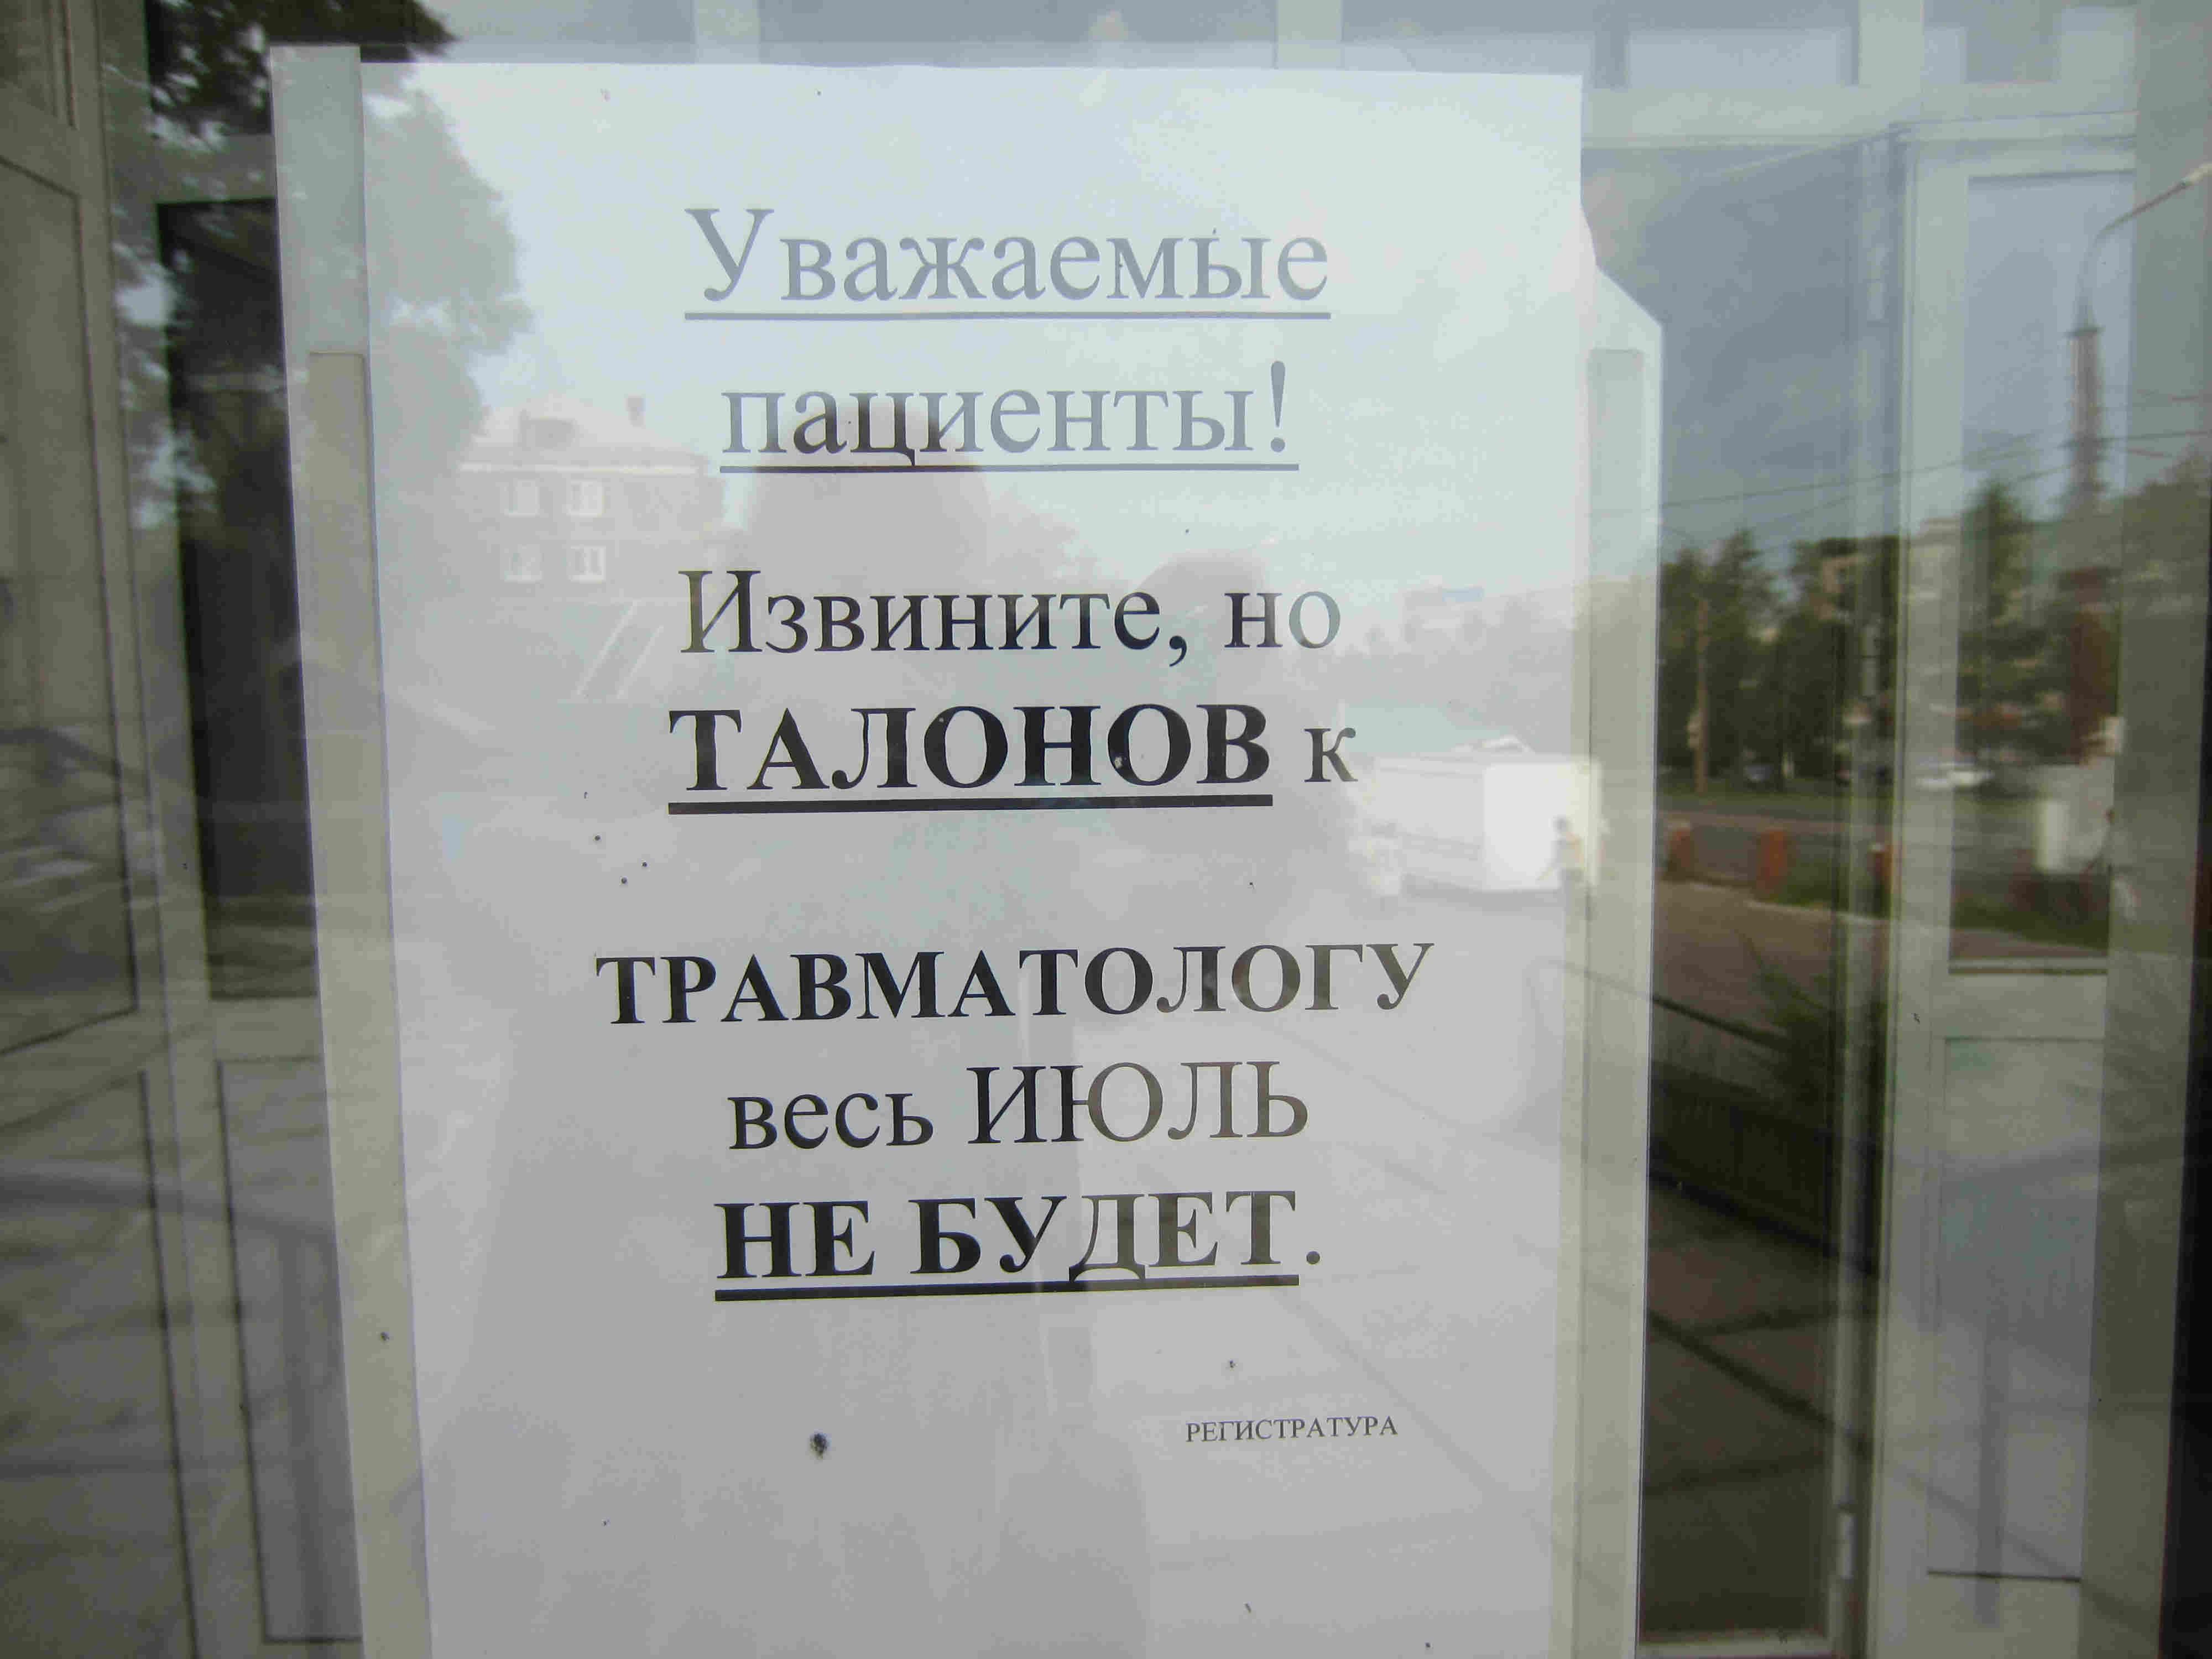 Последние новости с украины из западных сми